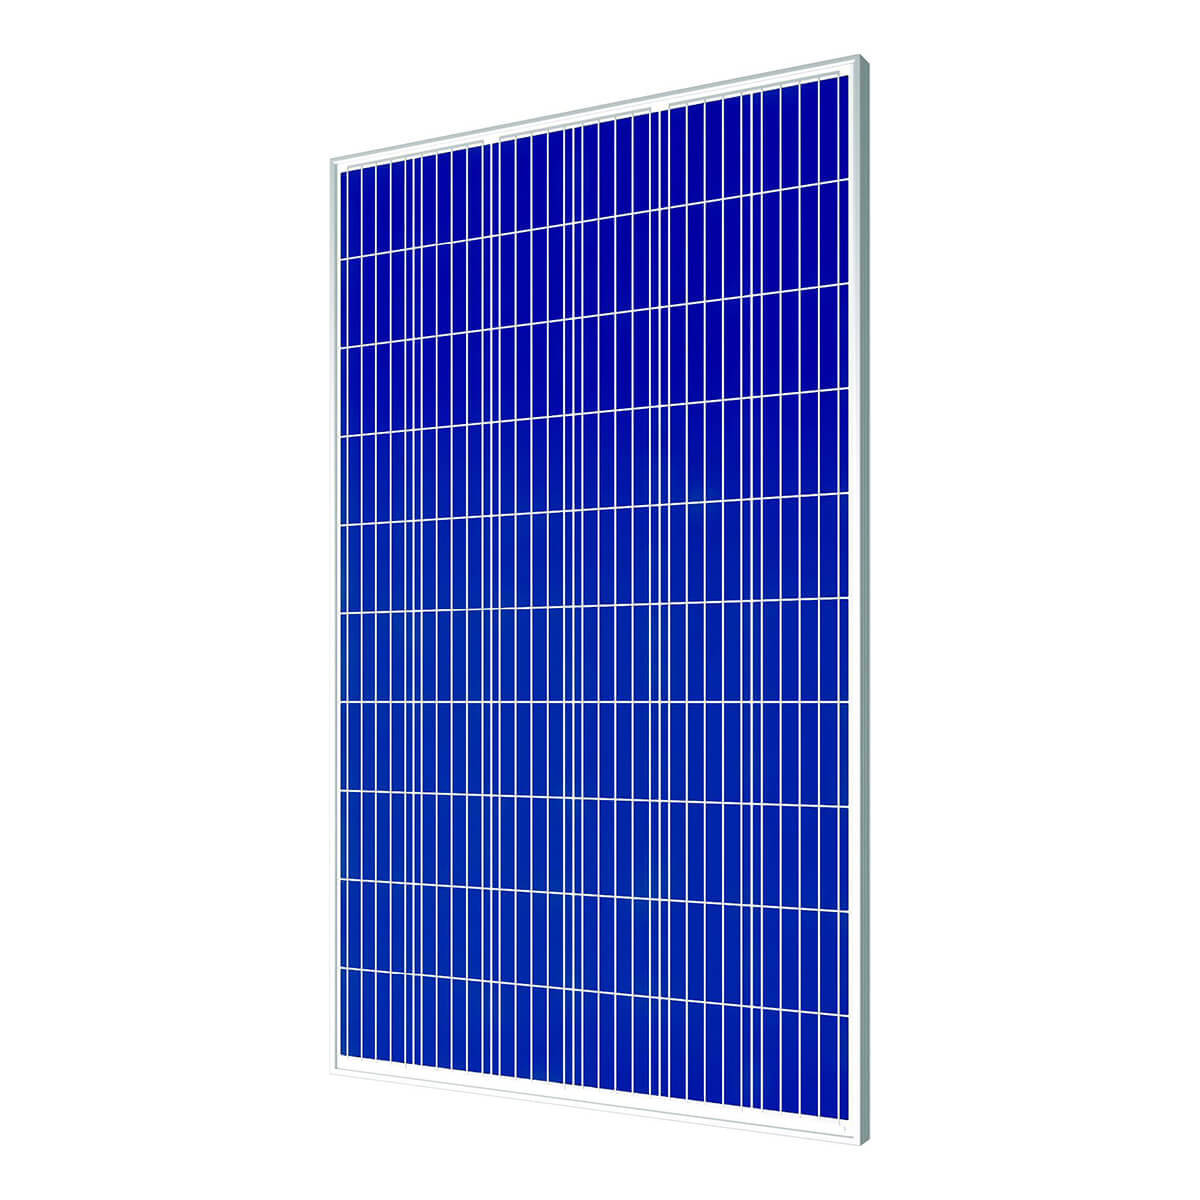 cw enerji 265W panel, cw enerji 265Watt panel, cw enerji 265 W panel, cw enerji 265 Watt panel, cw enerji 265 Watt polikristal panel, cw enerji 265 W watt gunes paneli, cw enerji 265 W watt polikristal gunes paneli, cw enerji 265 W Watt fotovoltaik polikristal solar panel, cw enerji 265W polikristal gunes enerjisi, cw enerji CWT265-60P-265 panel, CW Enerji 265 WATT